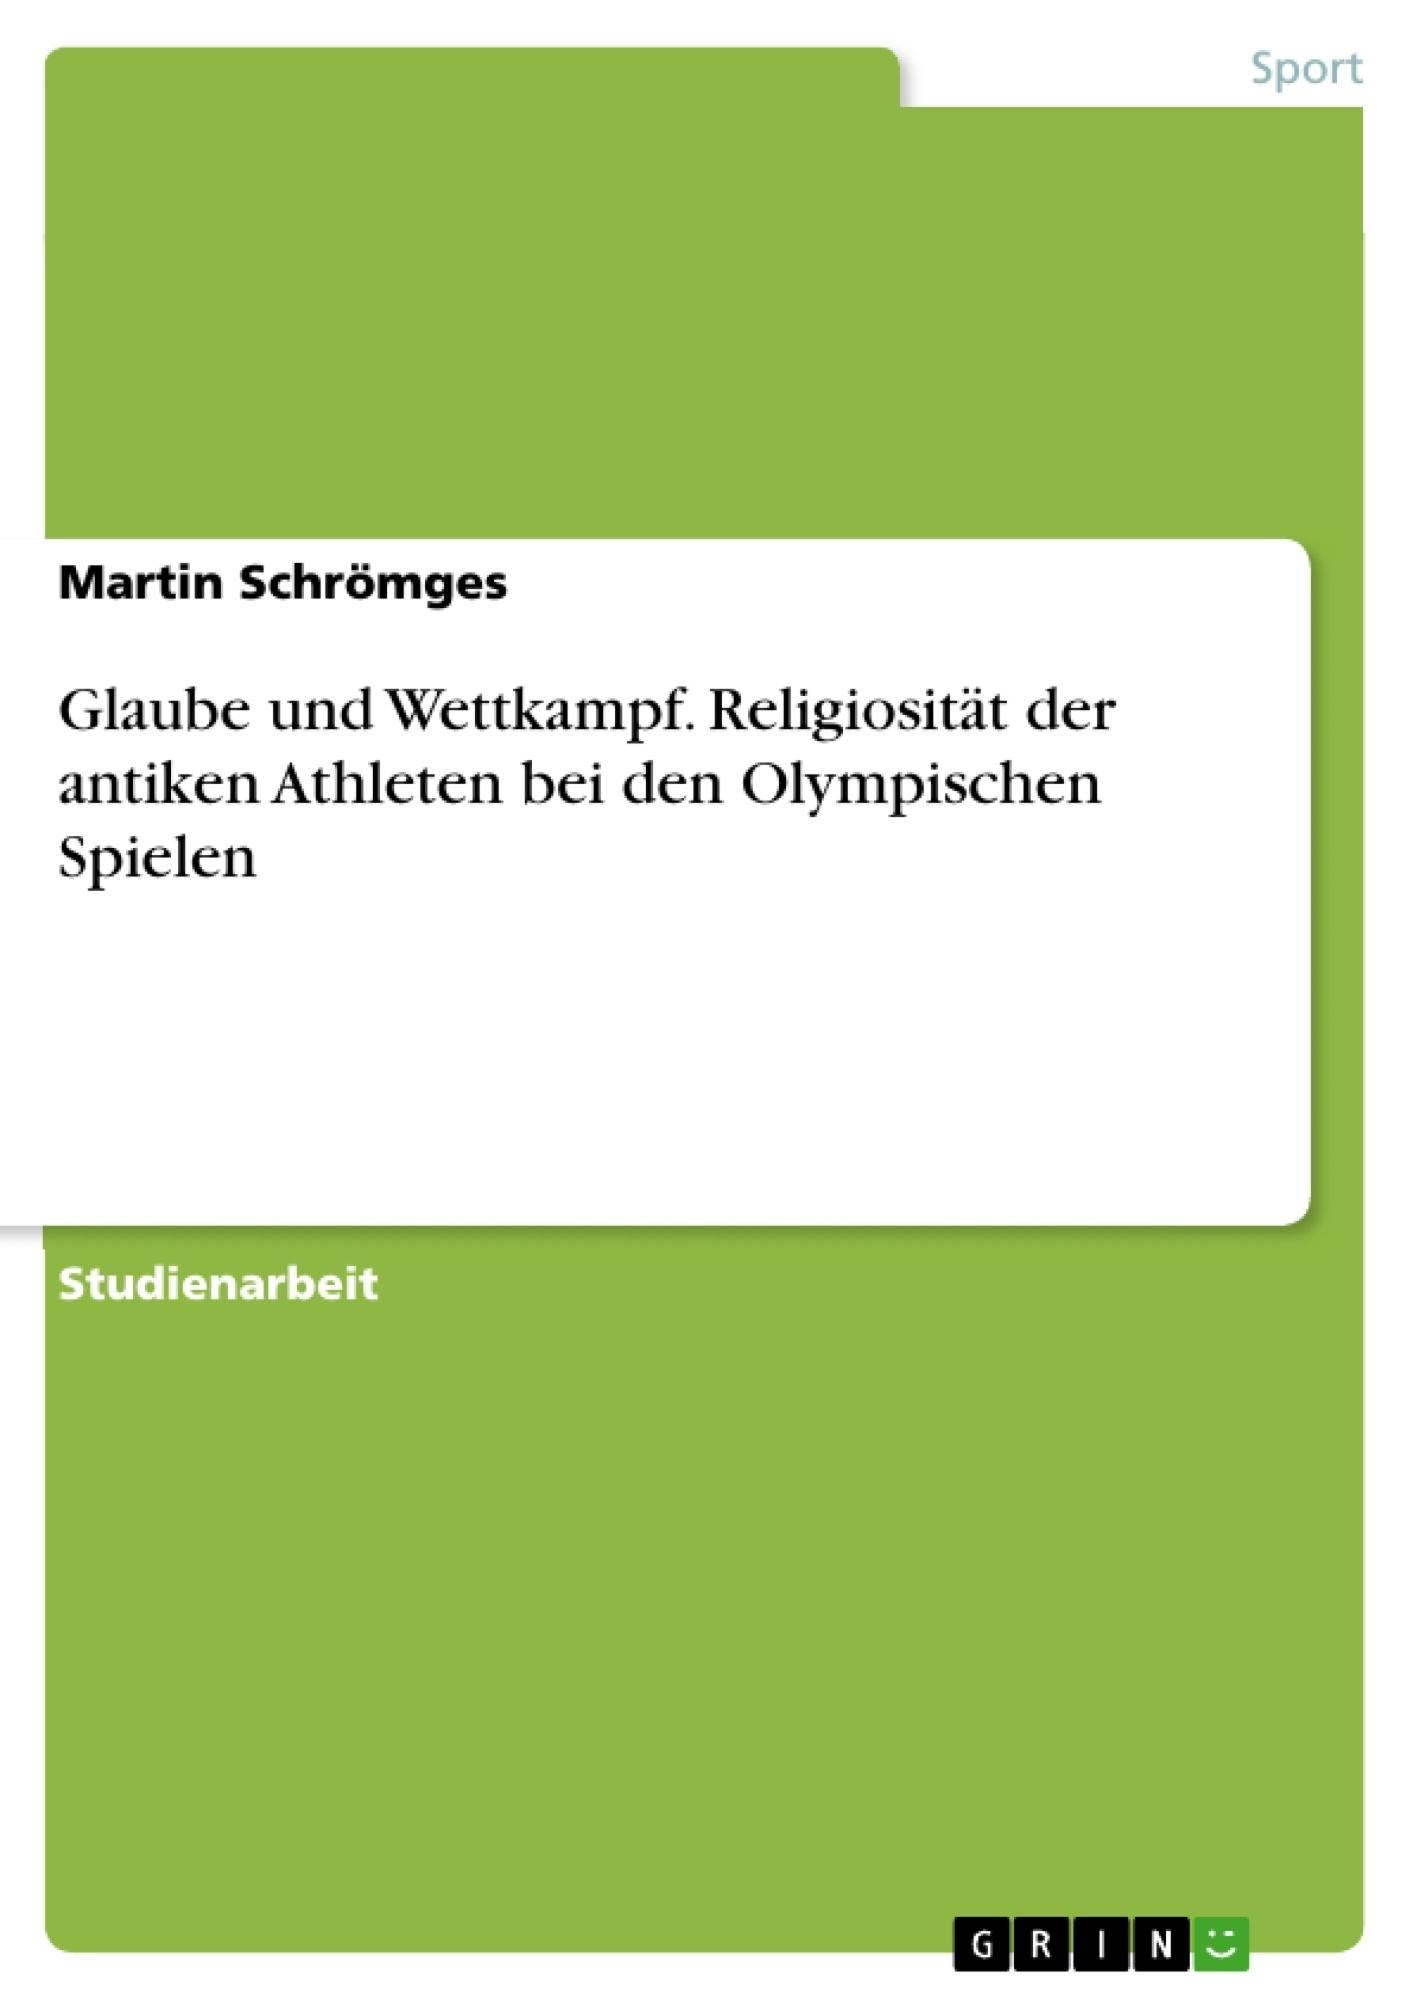 Titel: Glaube und Wettkampf. Religiosität der antiken Athleten bei den Olympischen Spielen